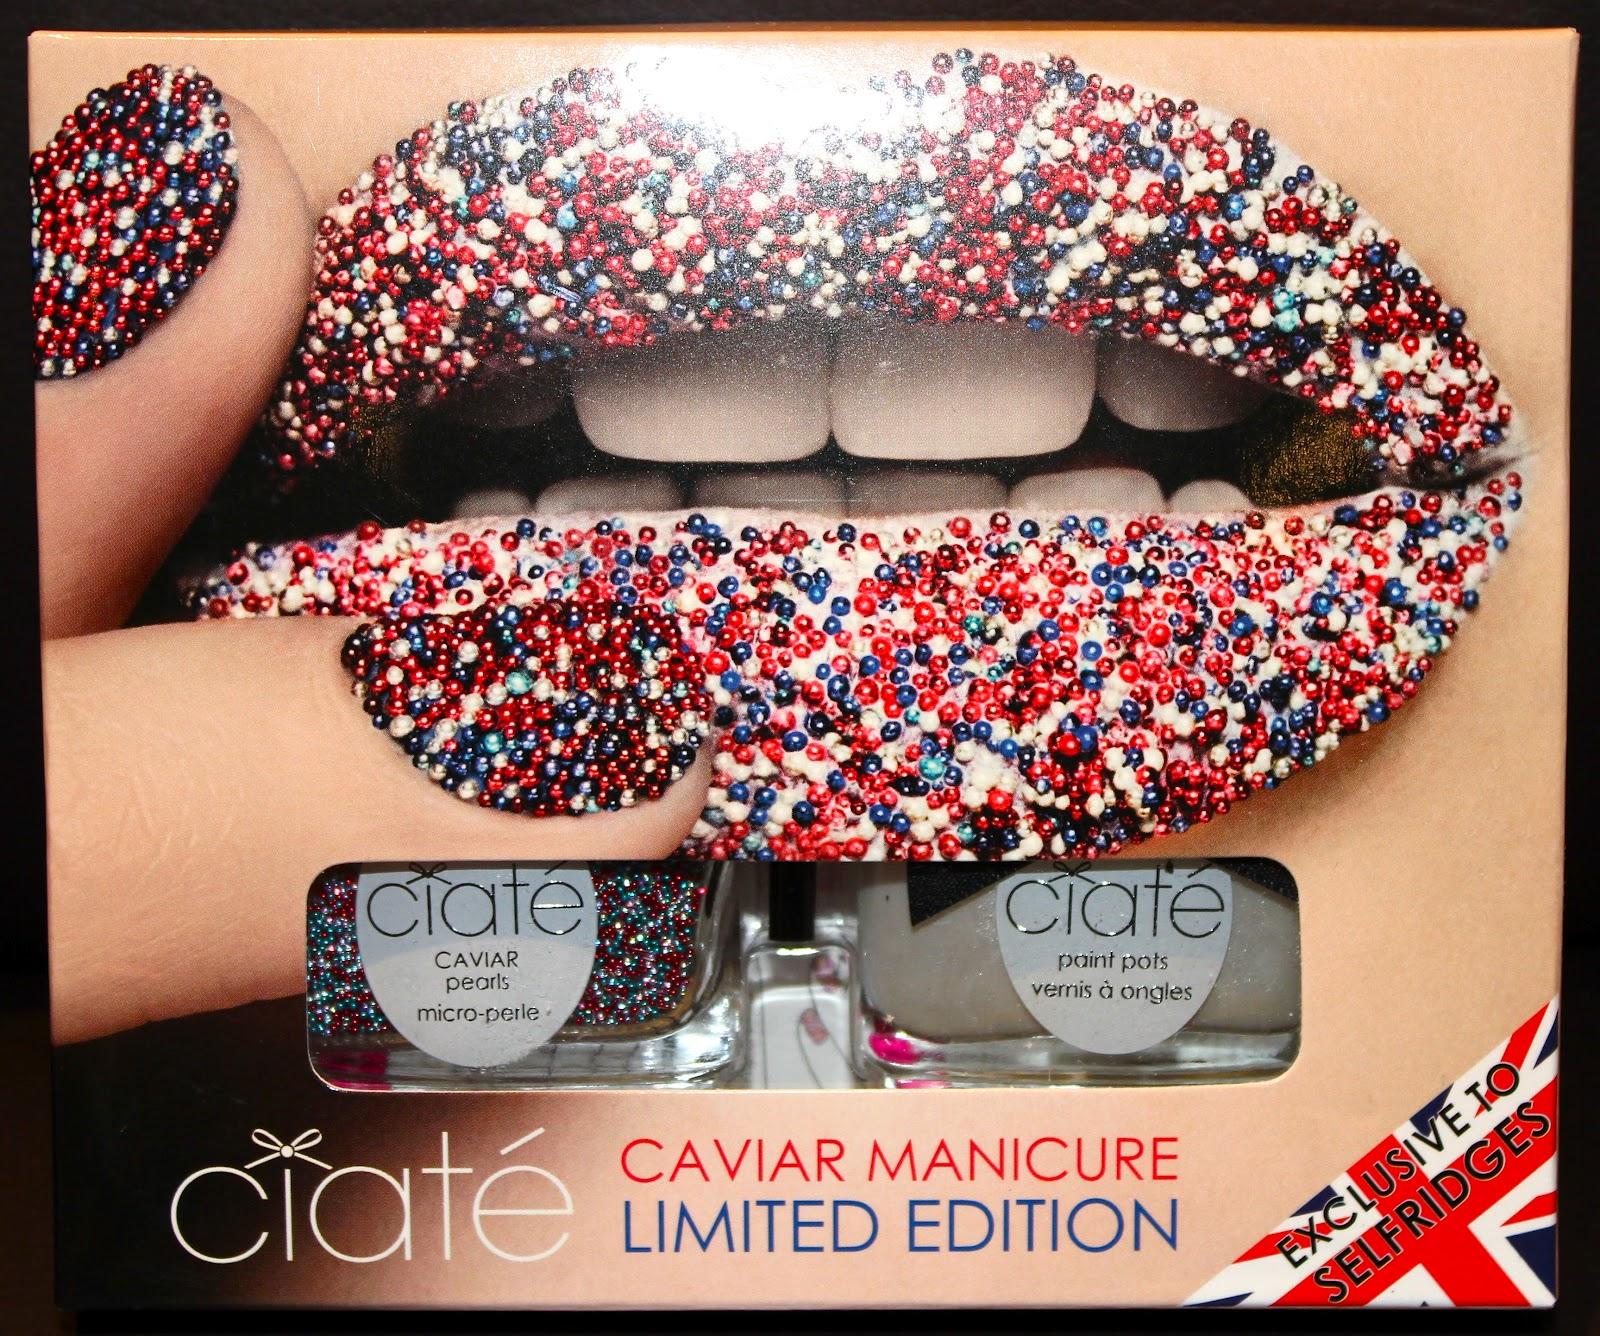 Ciate Caviar Nails: Ciate Jubilee Caviar Manicure